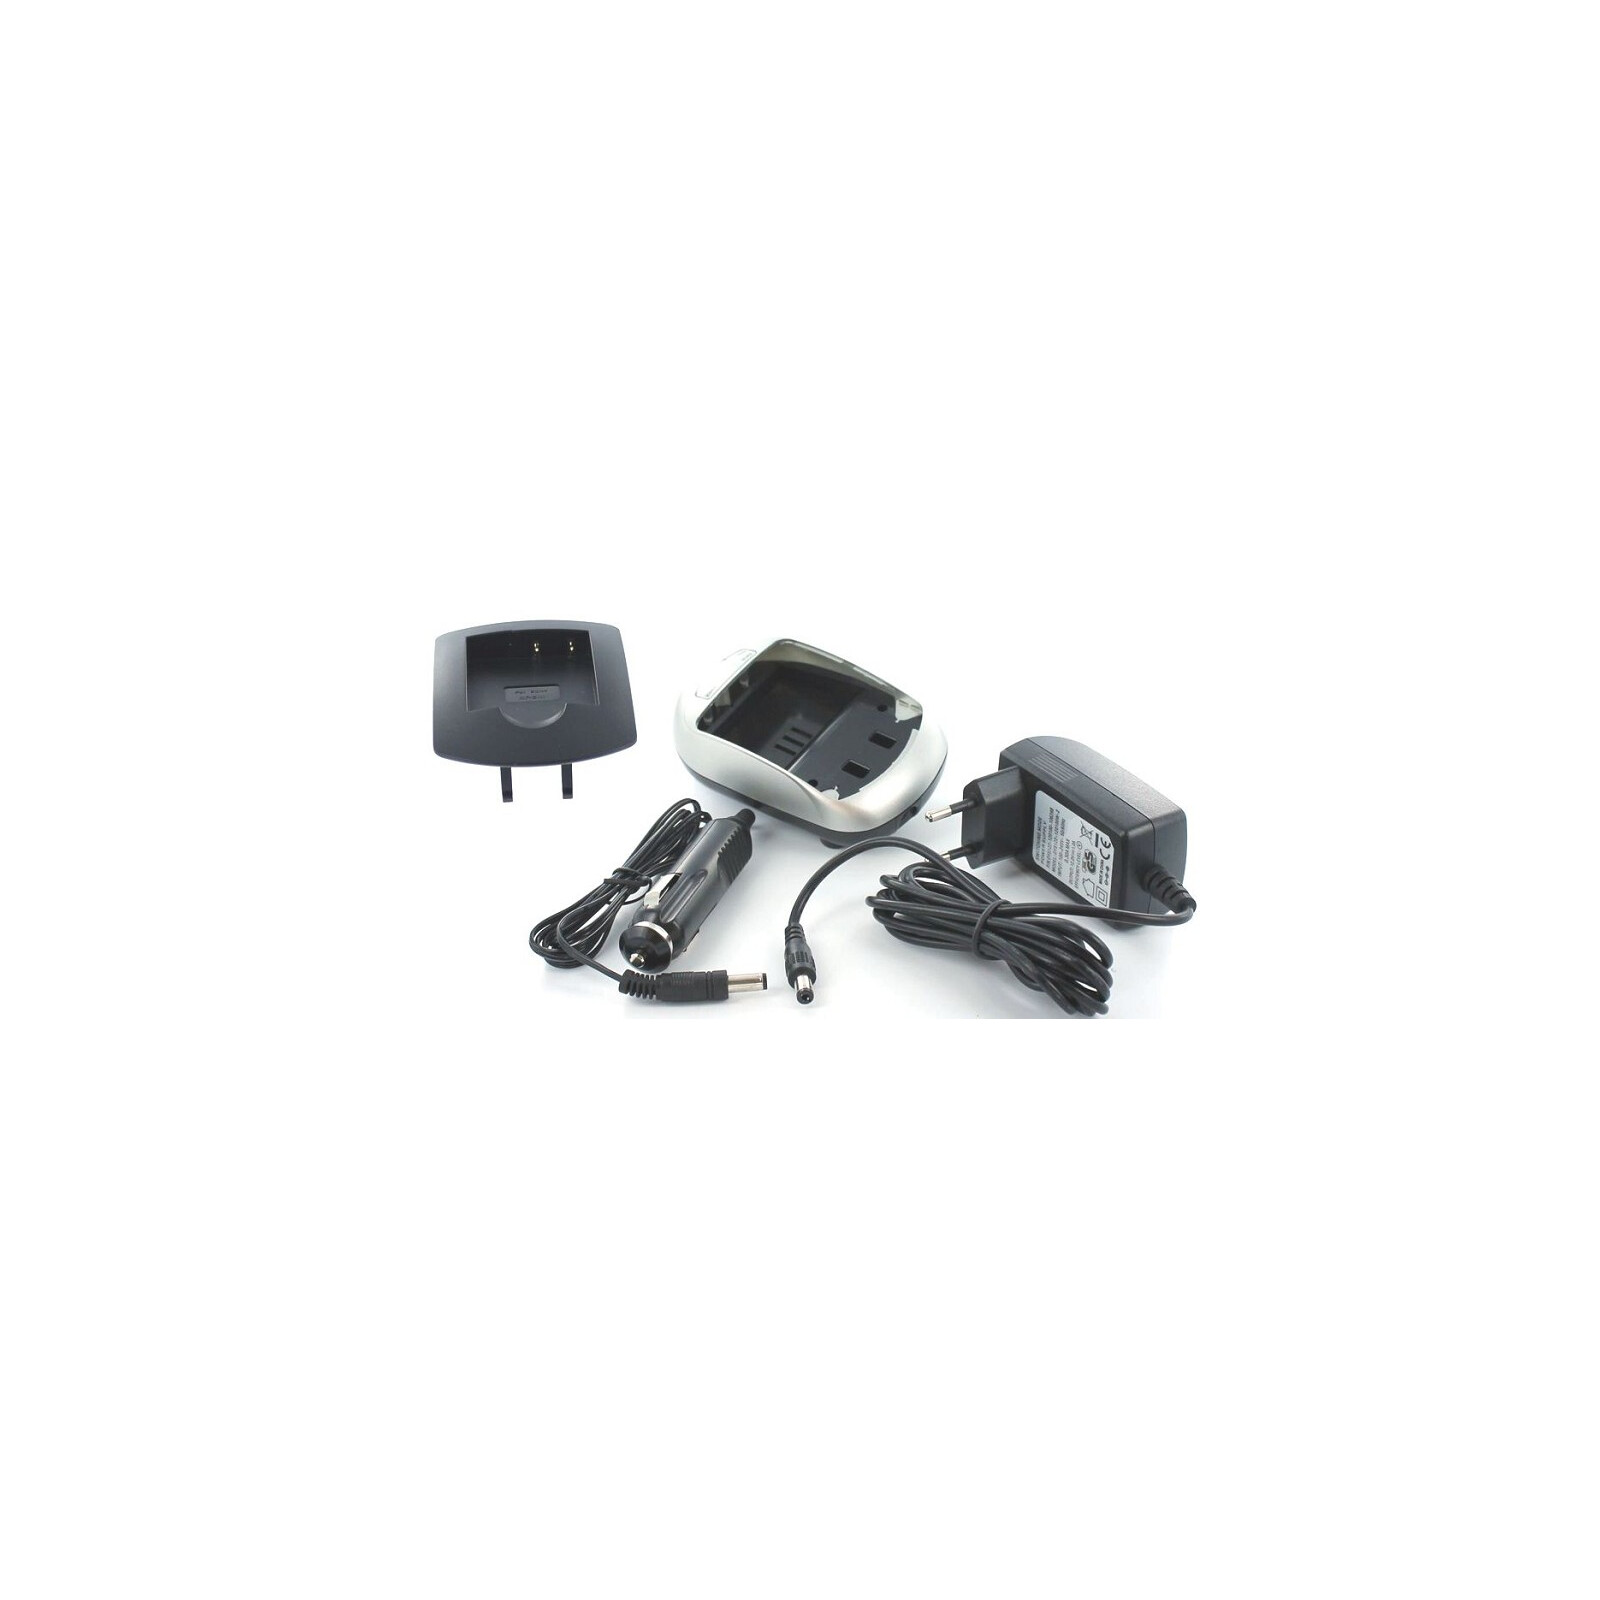 AGI 99101 Ladegerät Sony DSC-W360